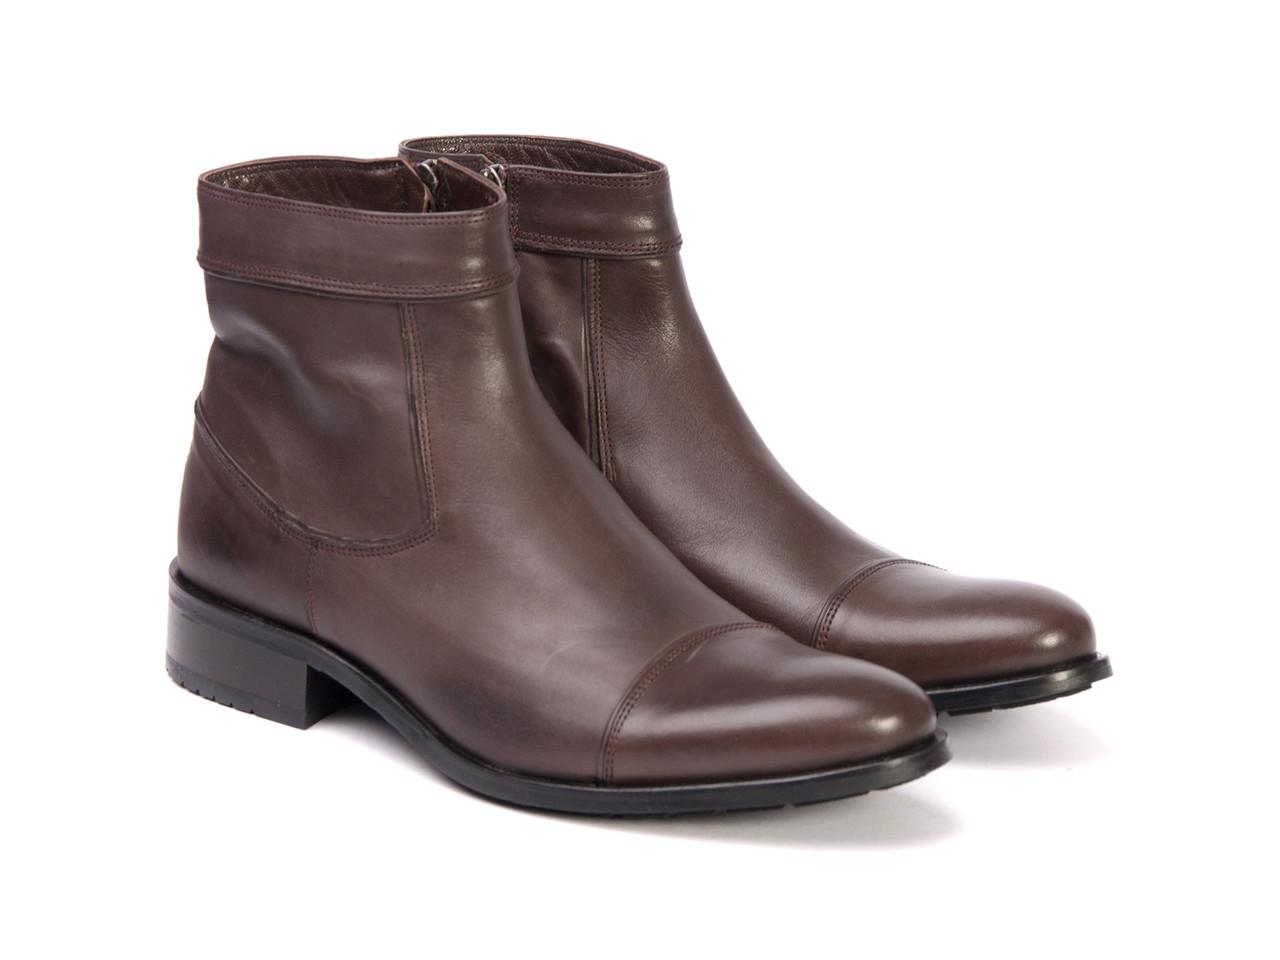 Ботинки Etor 9983-5754 коричневые